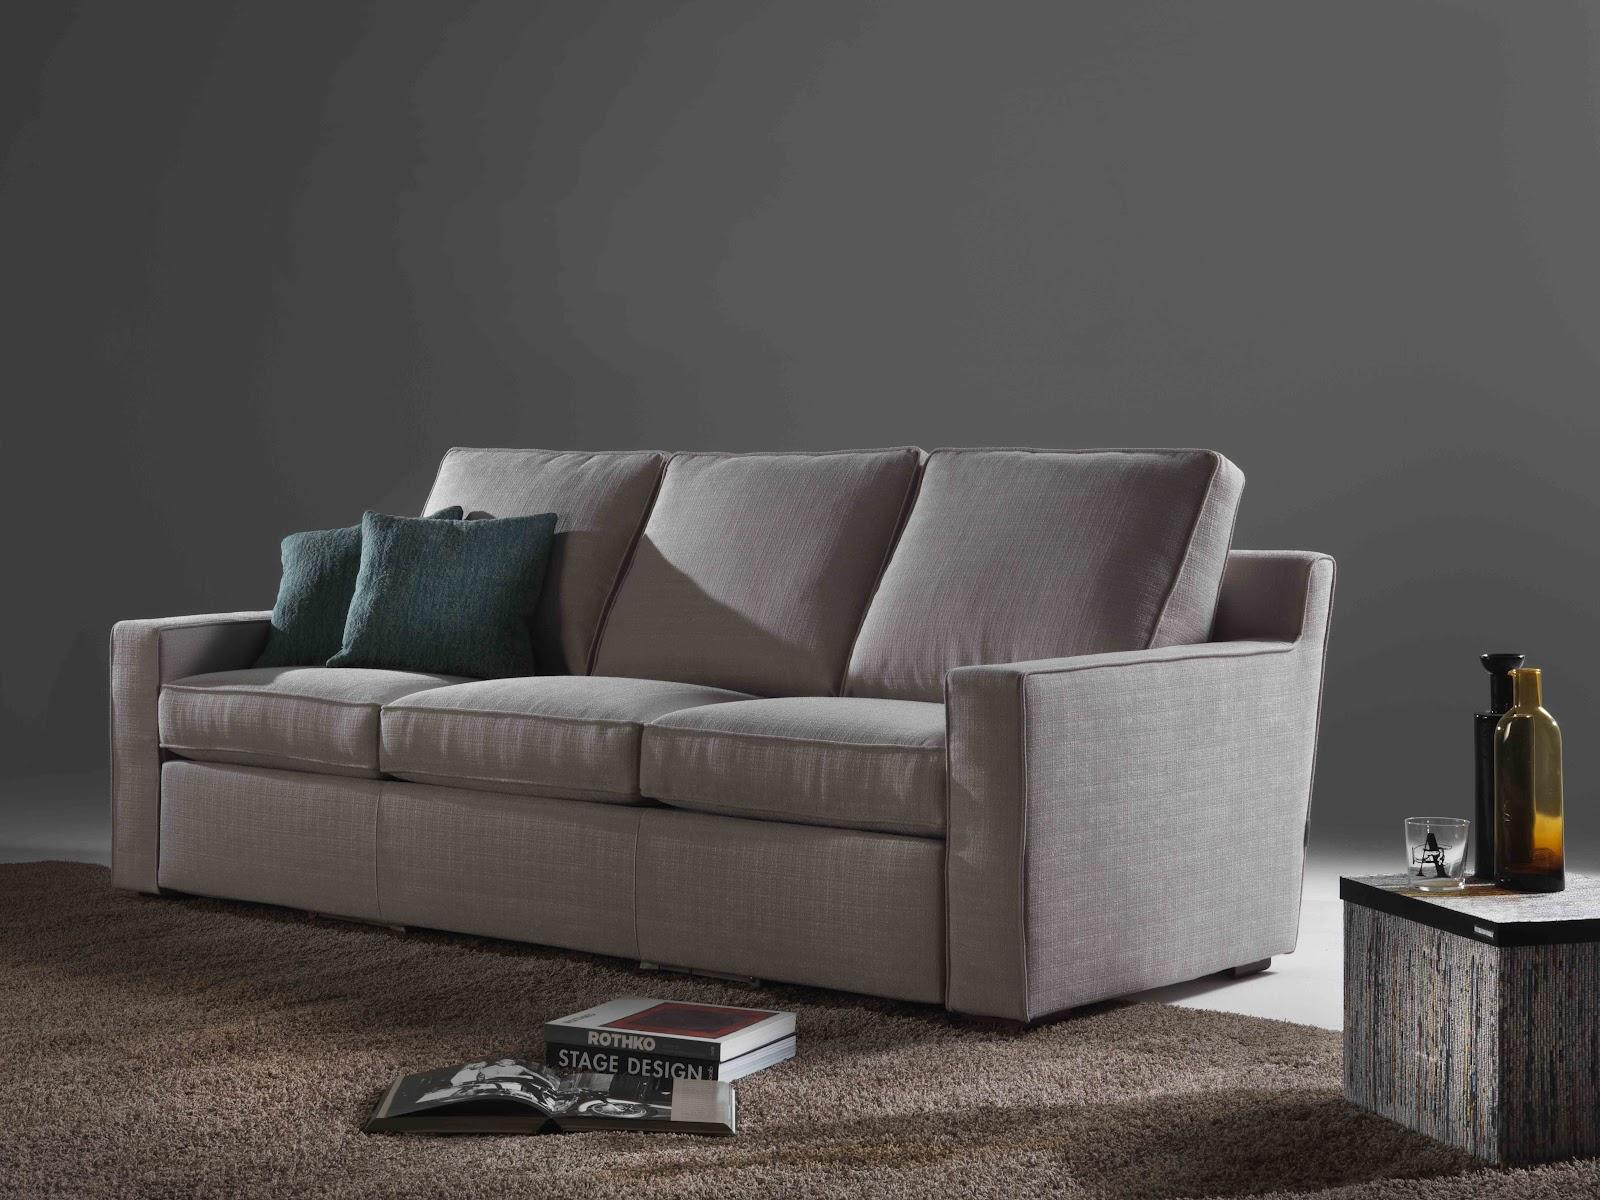 Santambrogio salotti produzione e vendita di divani e for Modelli di divani